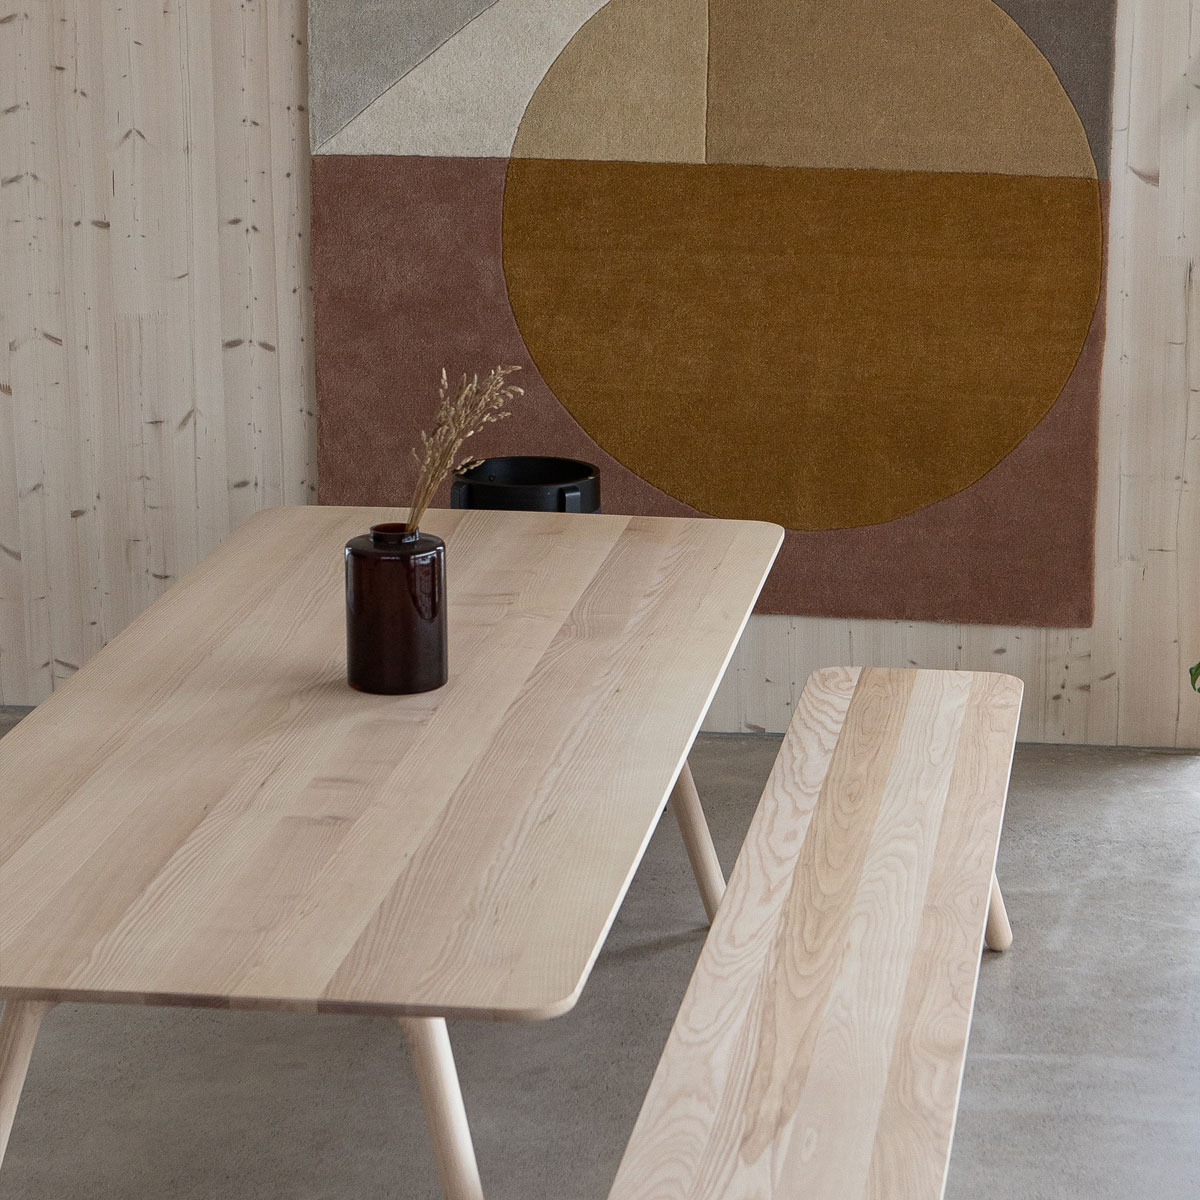 Onni Design ruokapöytä ja penkki